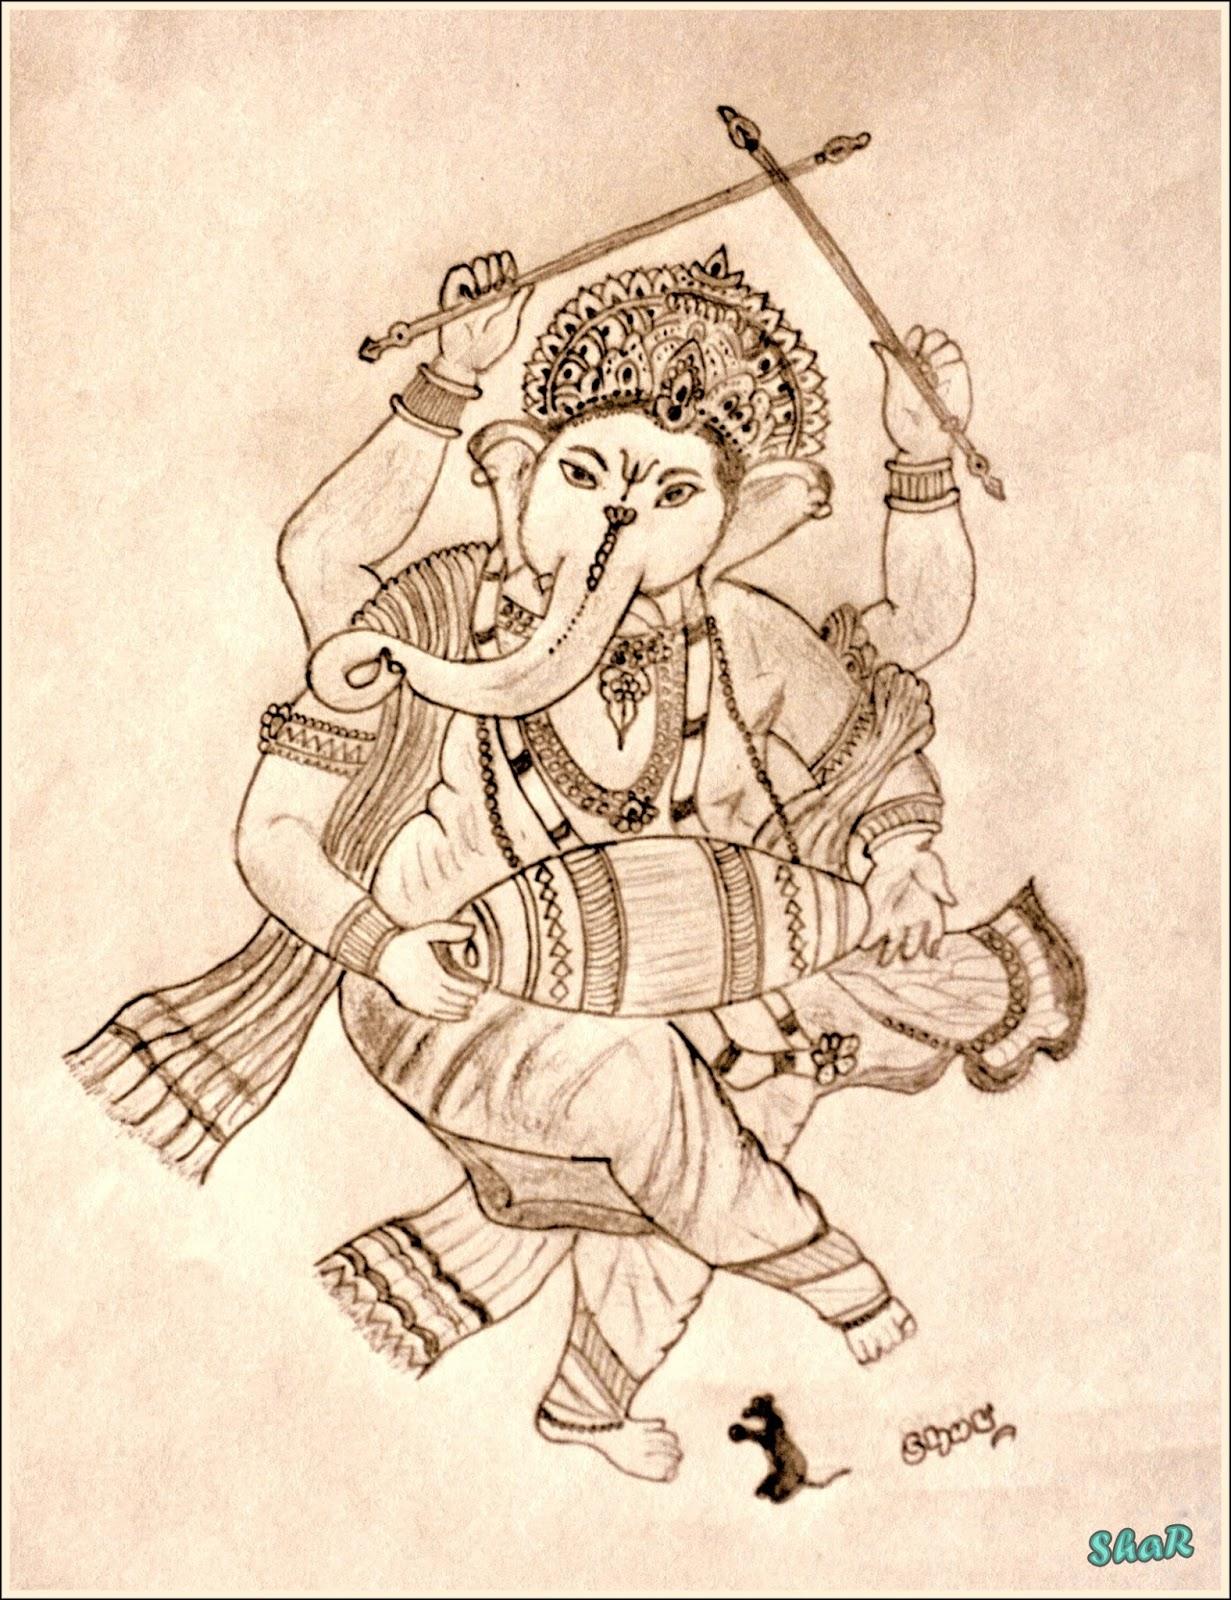 Happy vinayaka chaviti to all the visitors